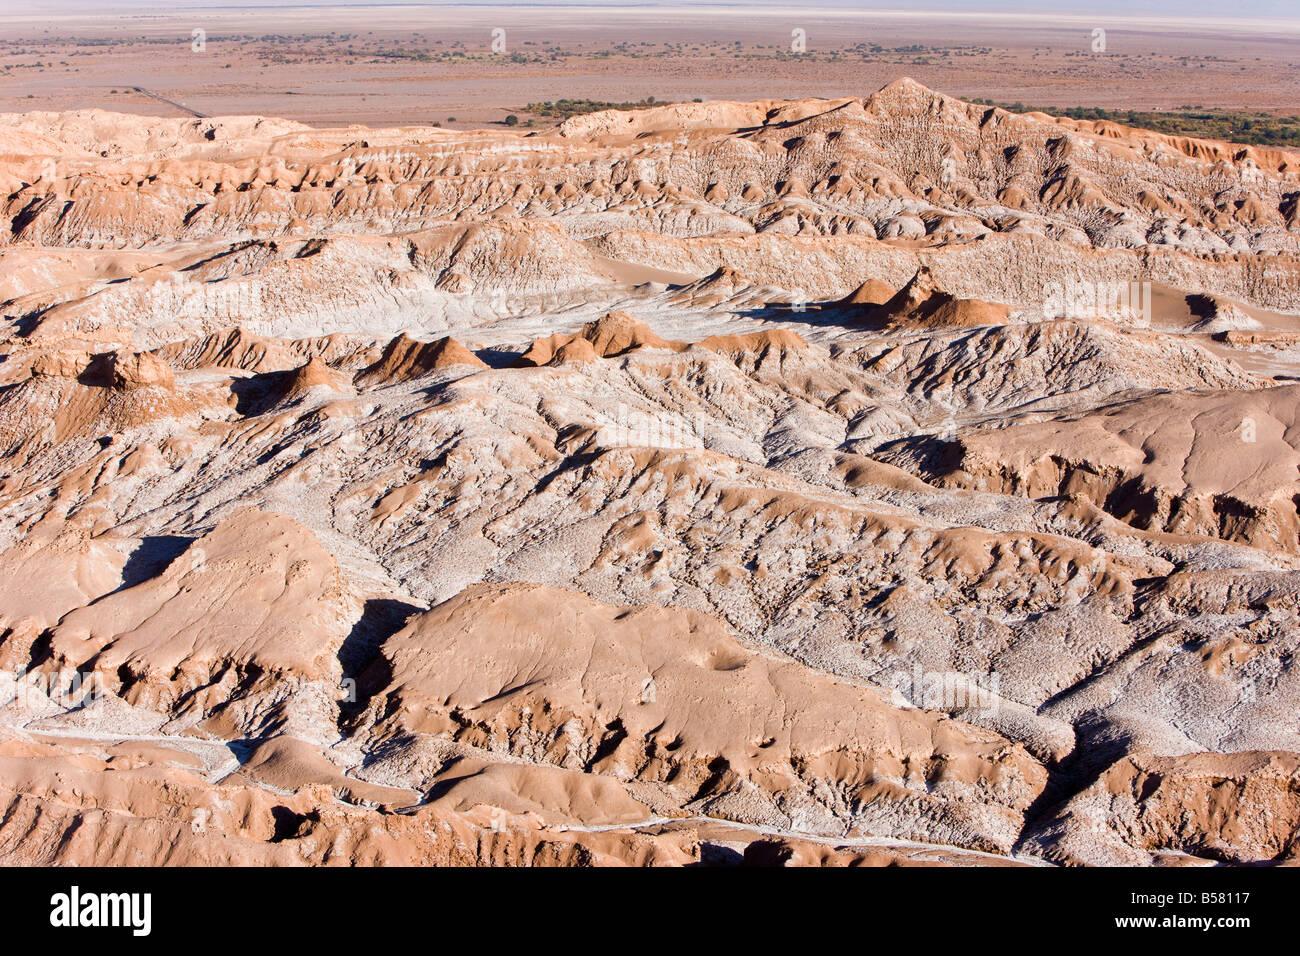 Valle de la Luna (Valle de la luna), el desierto de Atacama, Norte Grande de Chile, Sudamérica Imagen De Stock